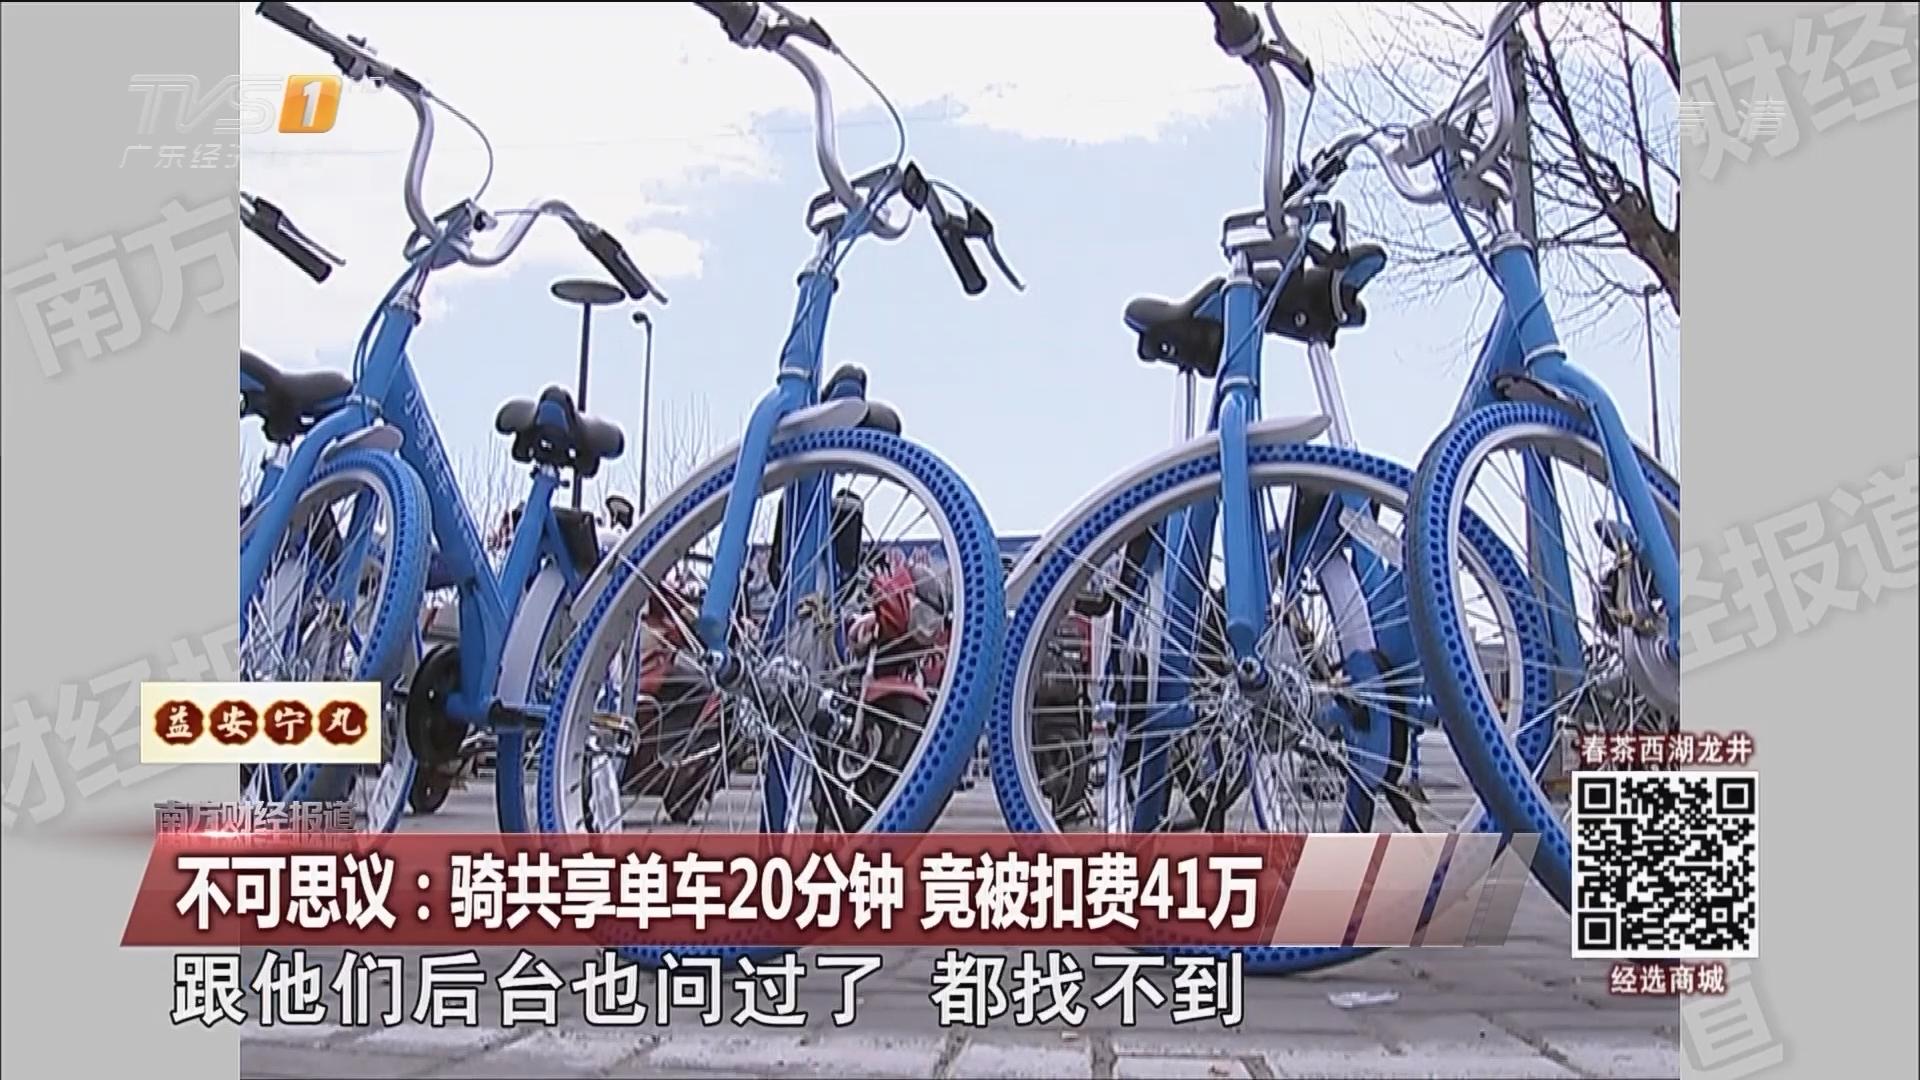 不可思议:骑共享单车20分钟 竟被扣费41万